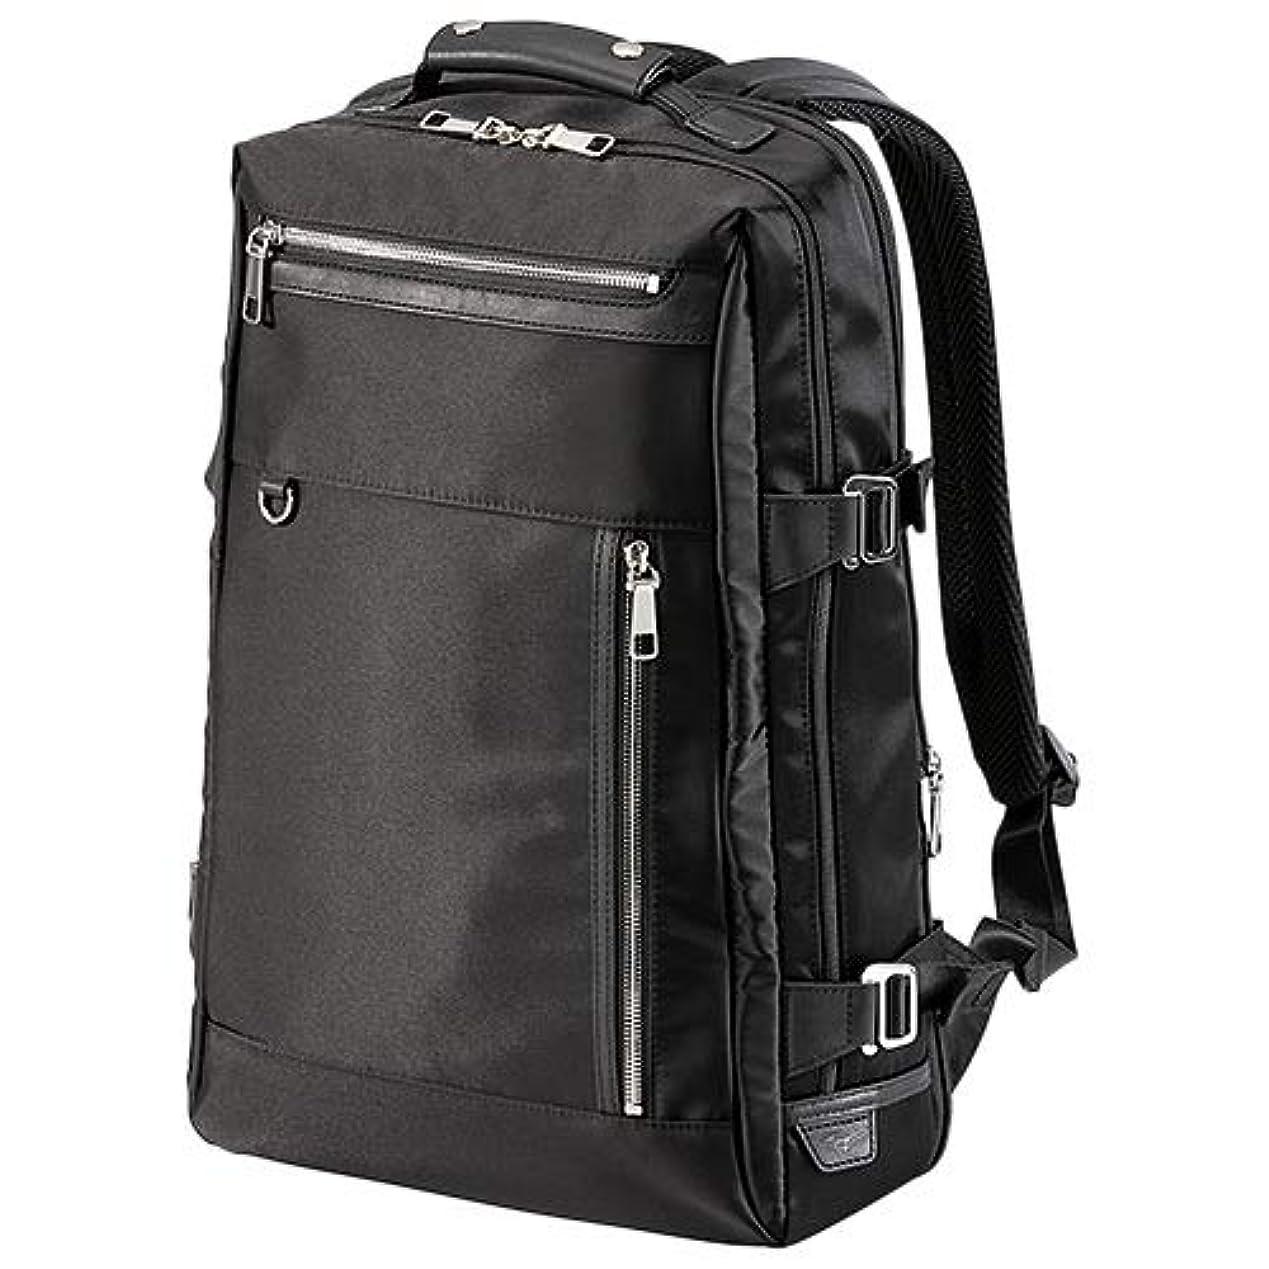 なす小売骨髄[ミズノ] グラブ革バックパック 拡張型 ブラック B3JM9011 09